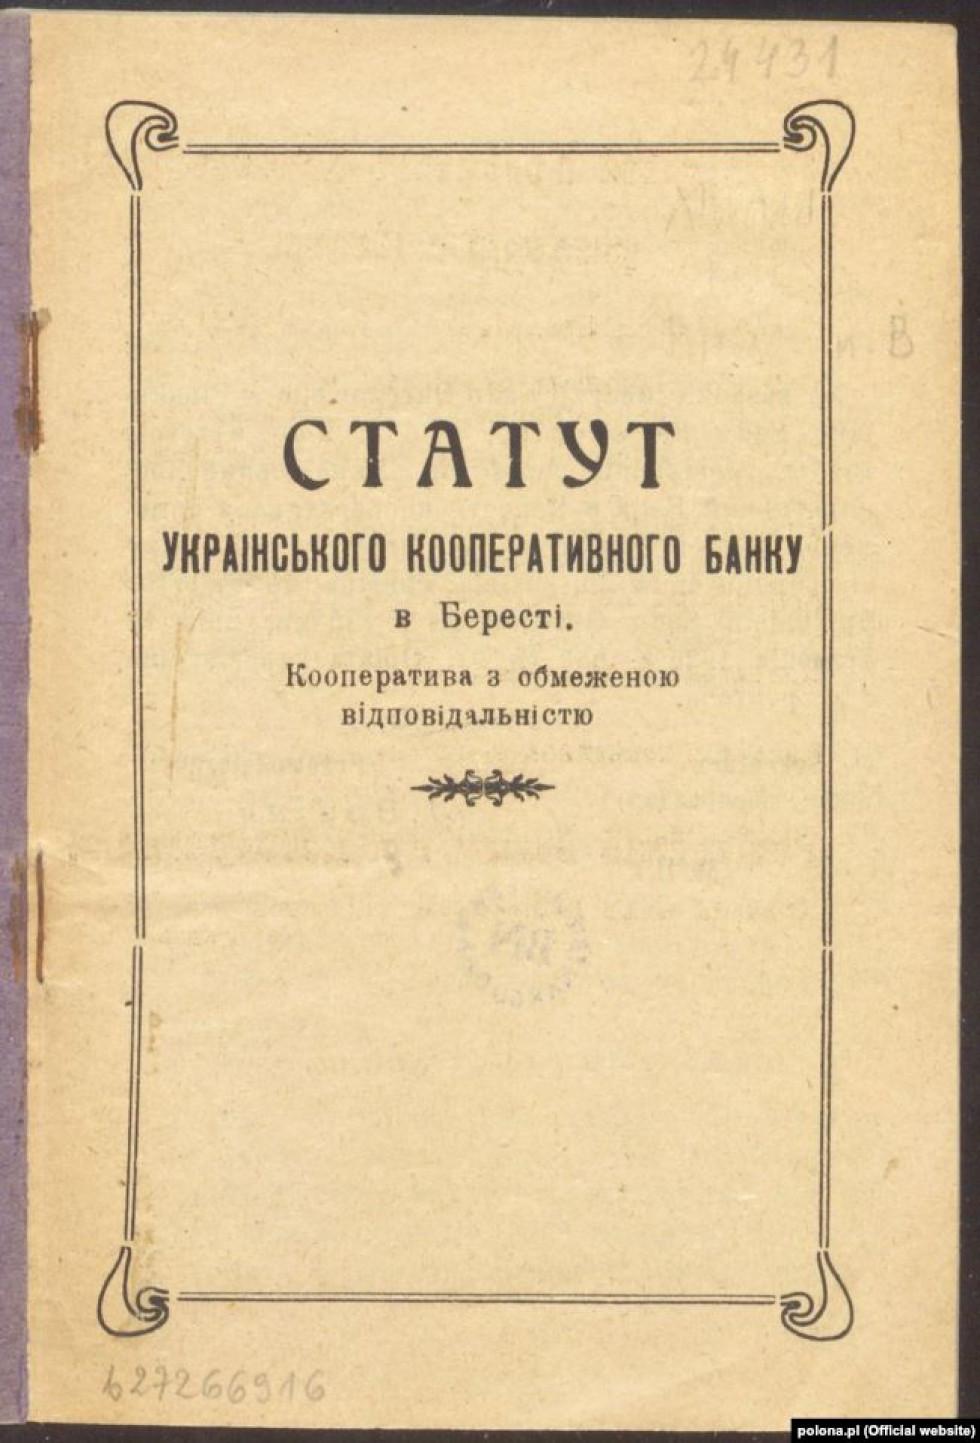 Статут Українського кооперативного банку в Бересті. 1925 рік